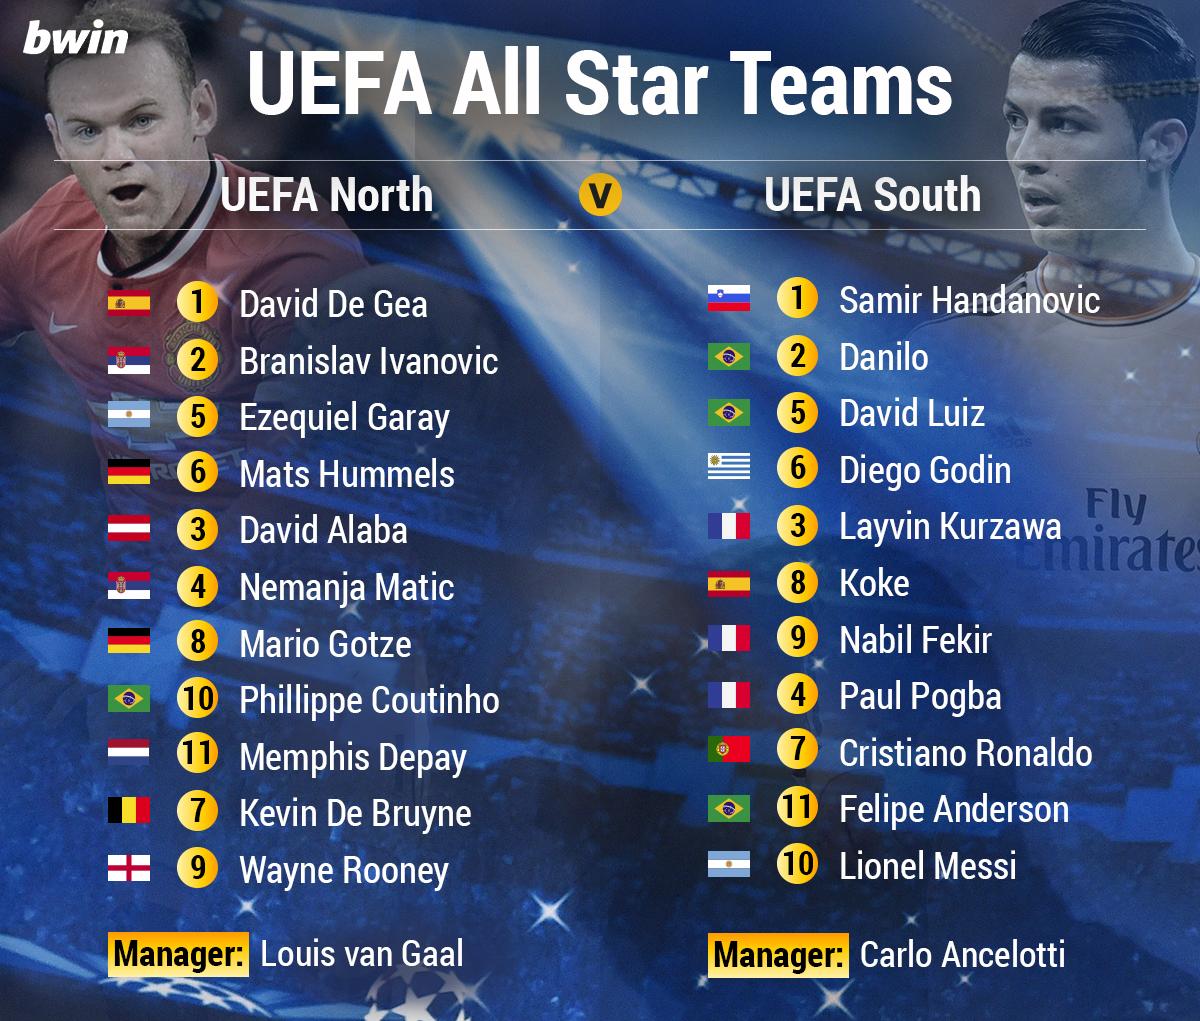 uefa-star-team